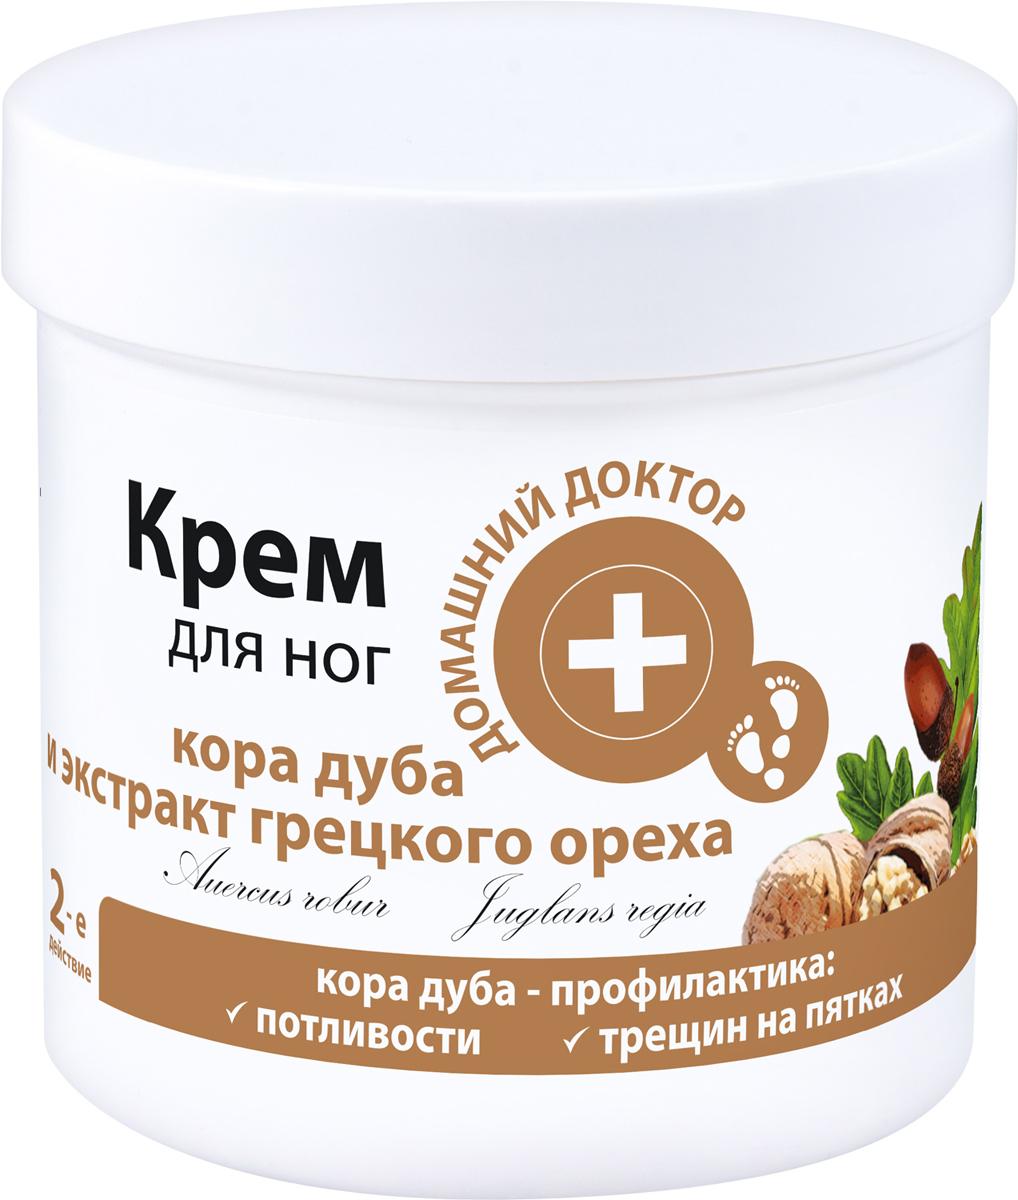 Домашний Доктор Крем для ног Кора дуба и экстракт грецких орехов, профилактика трещин на пятках, 250 мл крем кора нью лайн